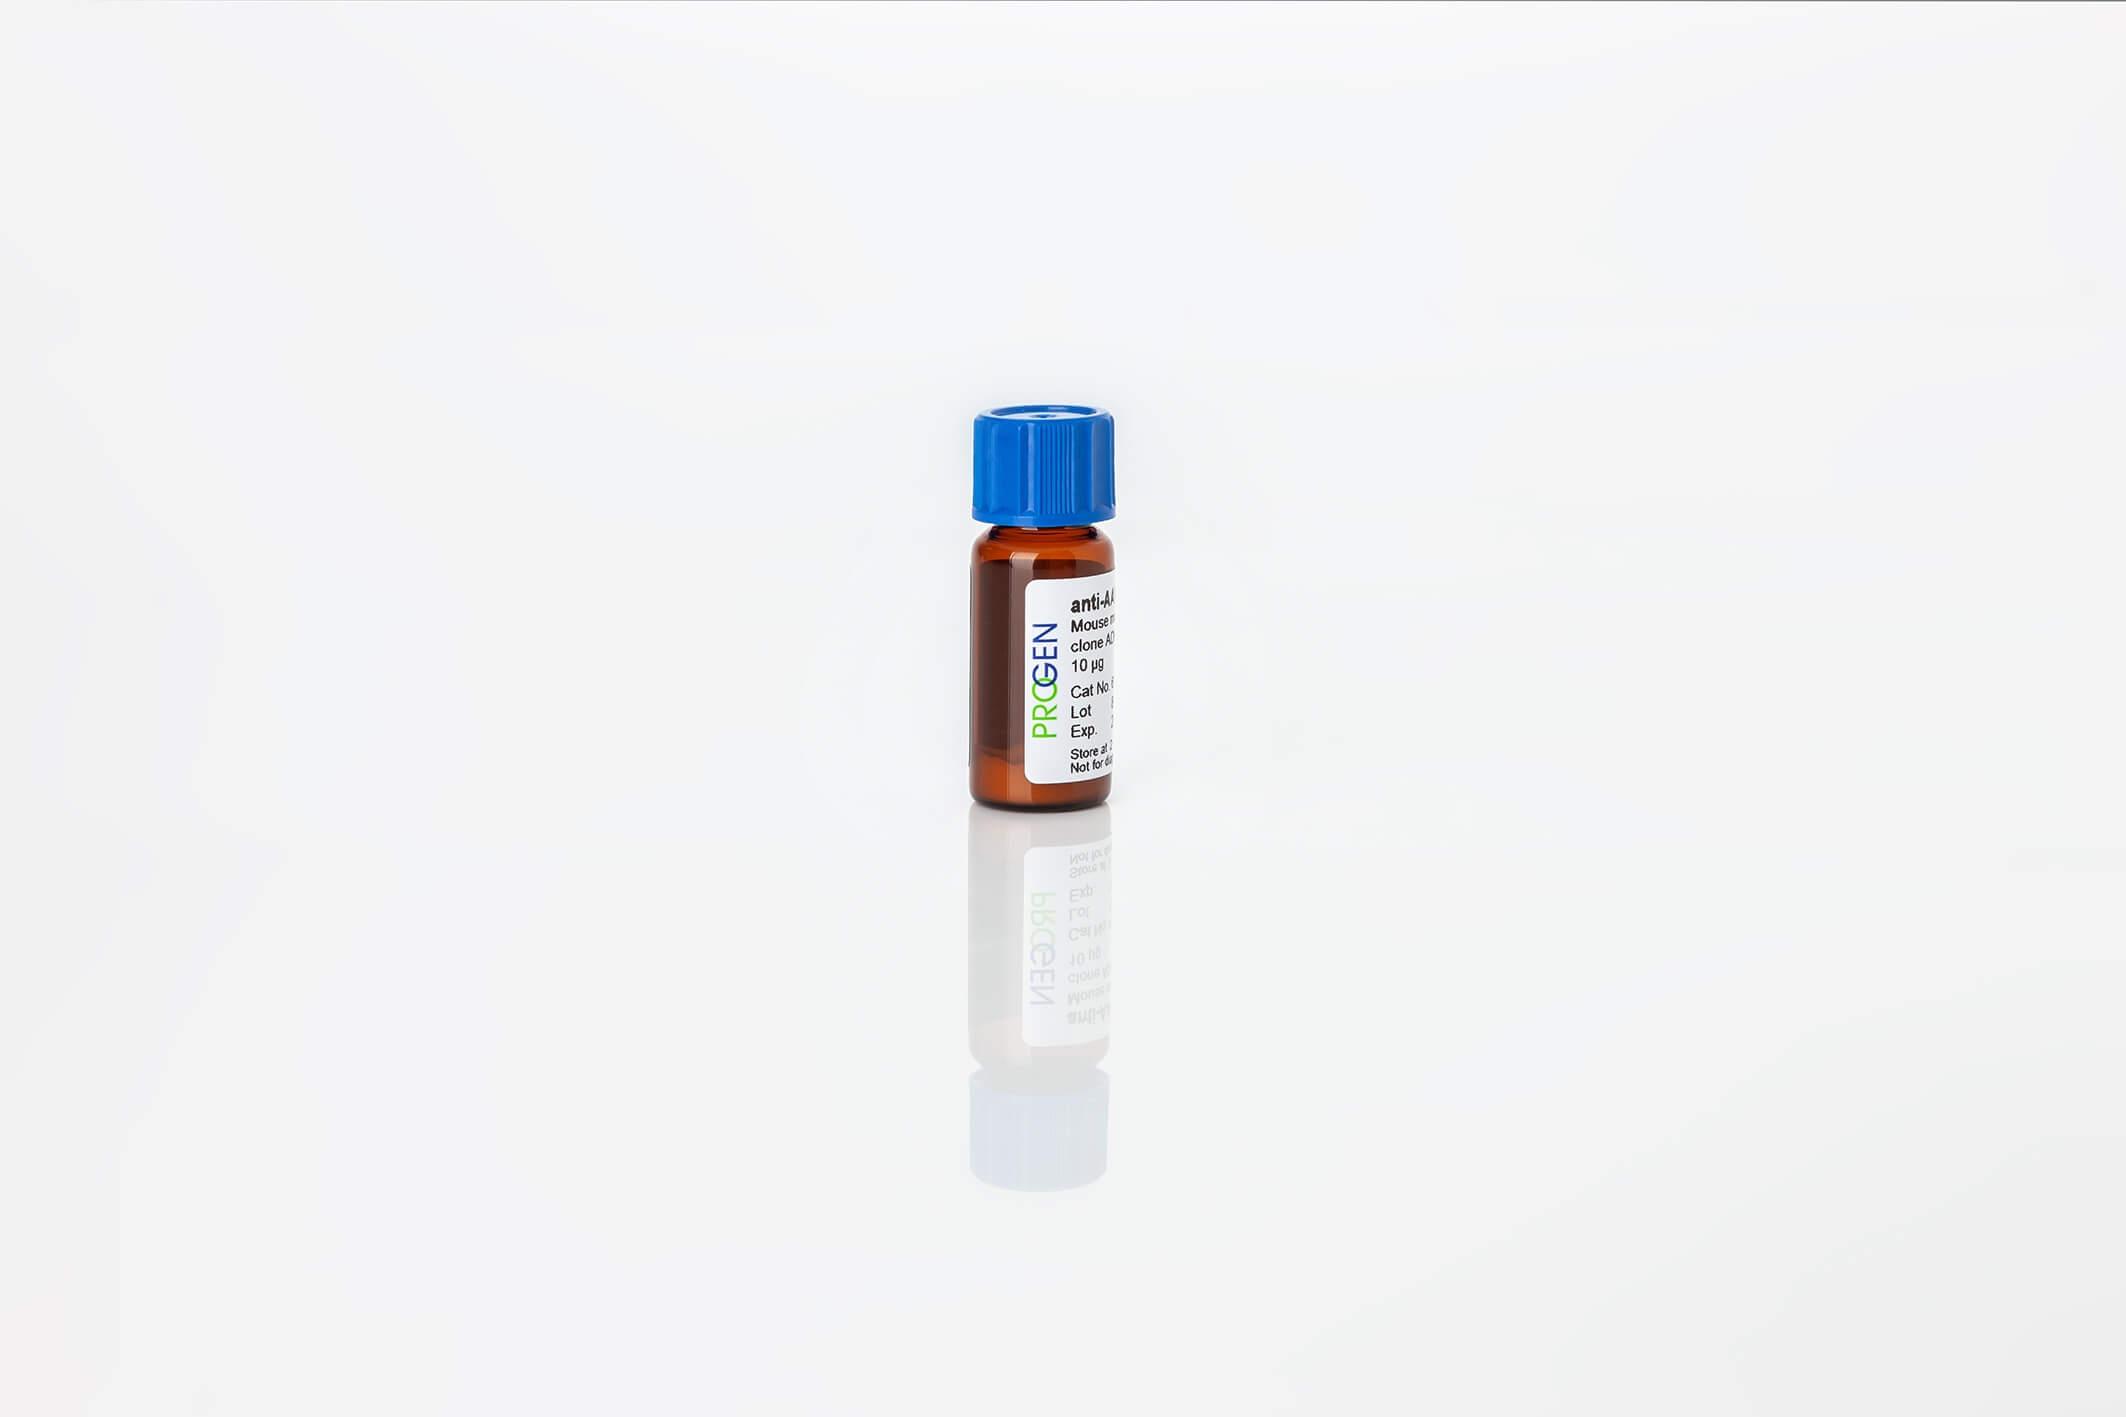 anti-p34cdc-2 mouse monoclonal, POH-1, ascites fluid